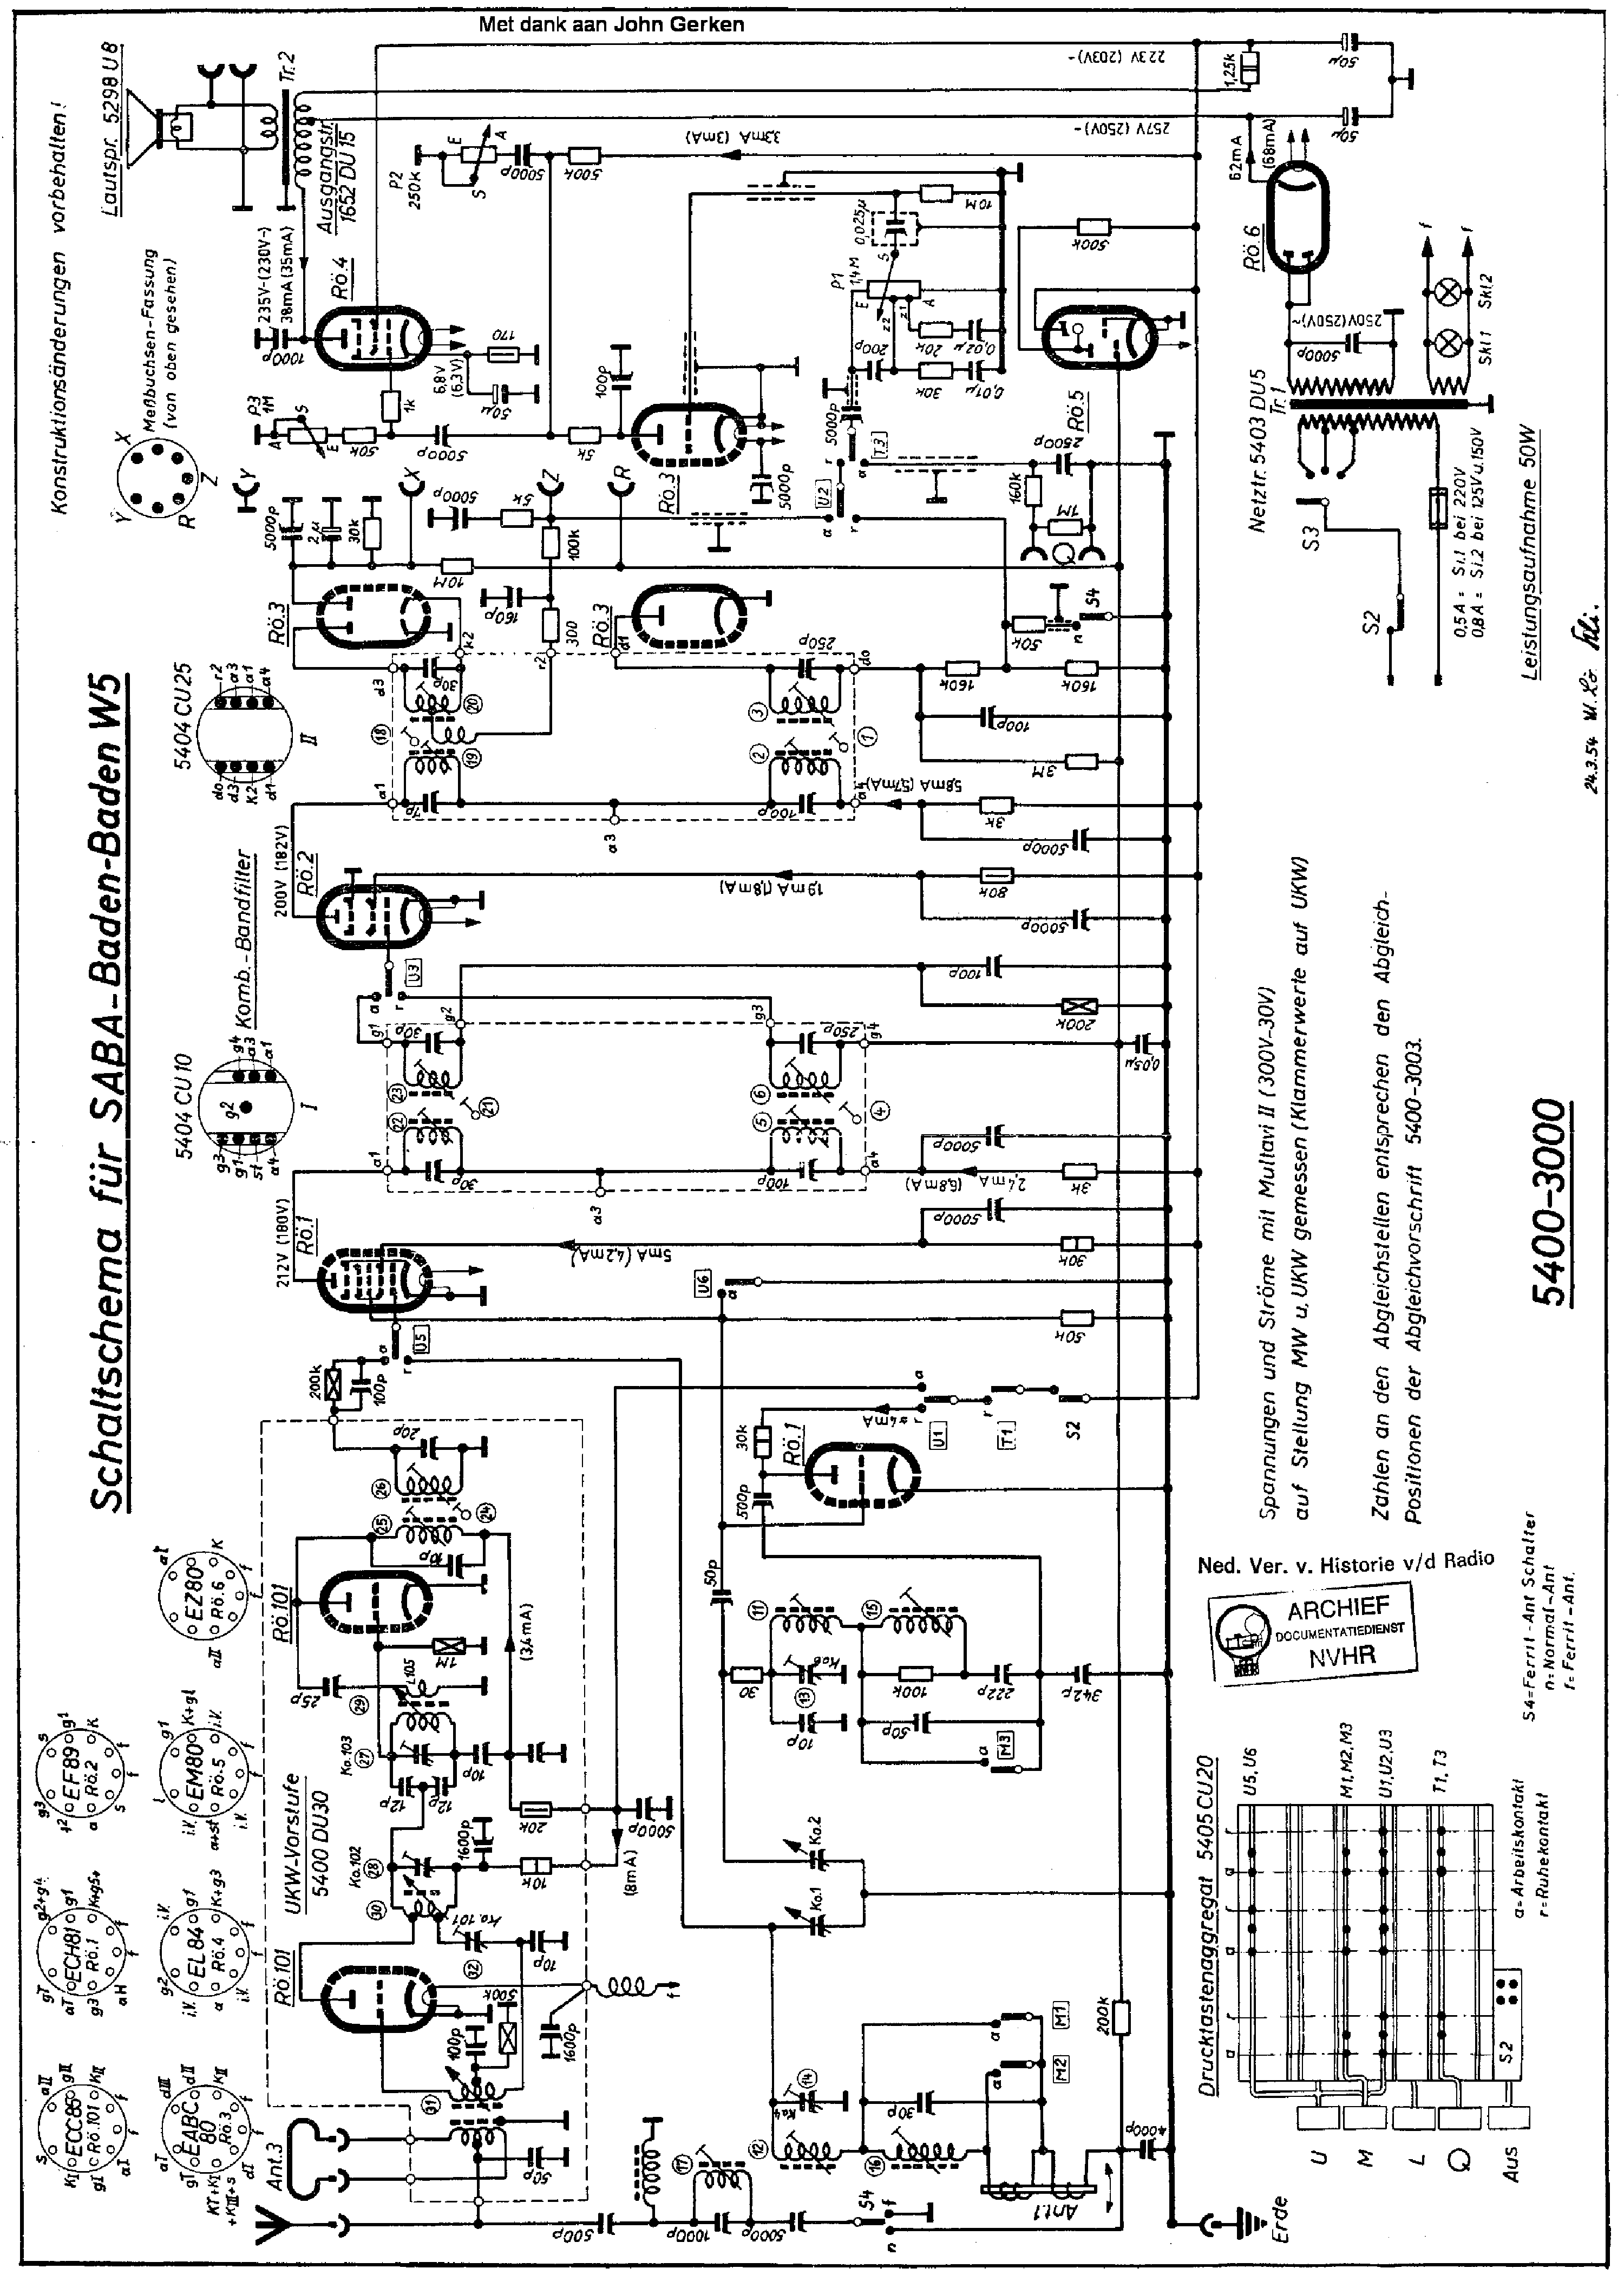 3d printer schematics downloads